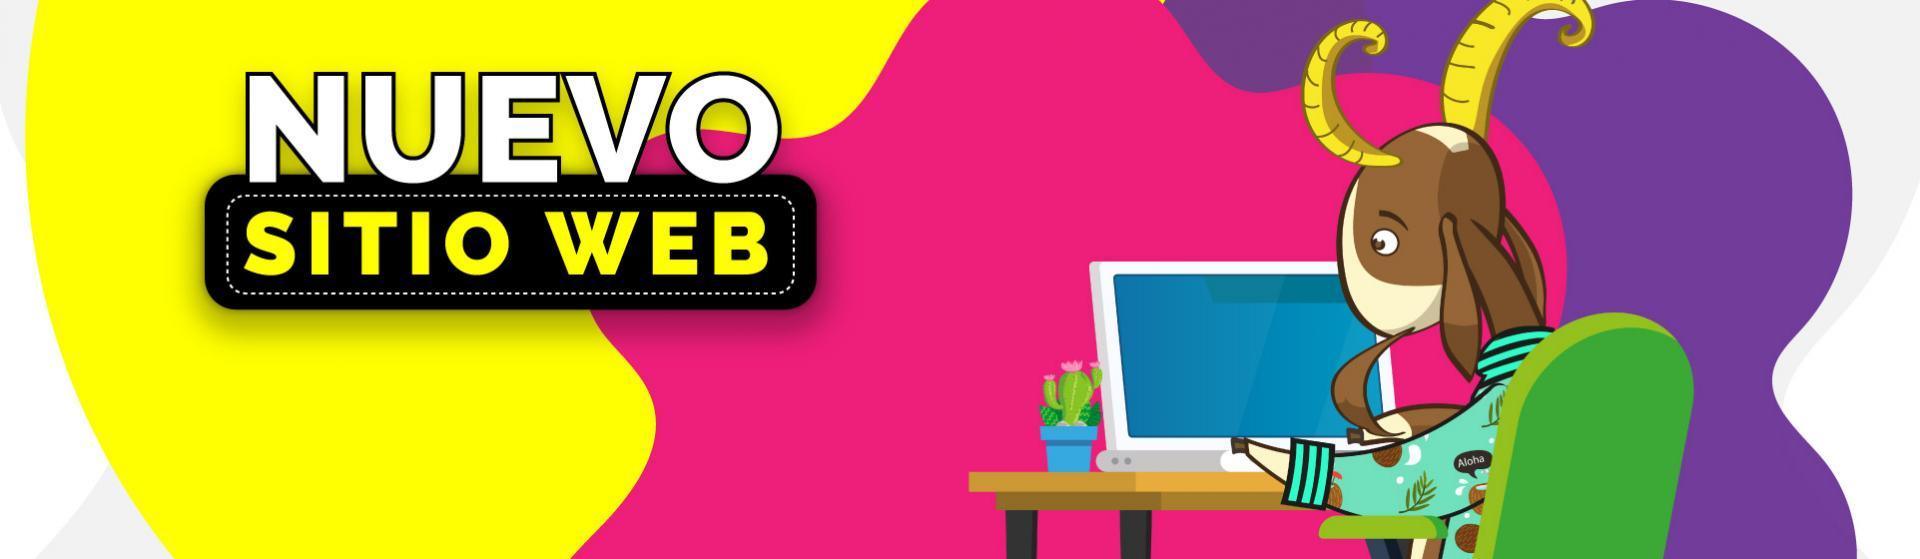 Nuevo sitio web para aspirantes